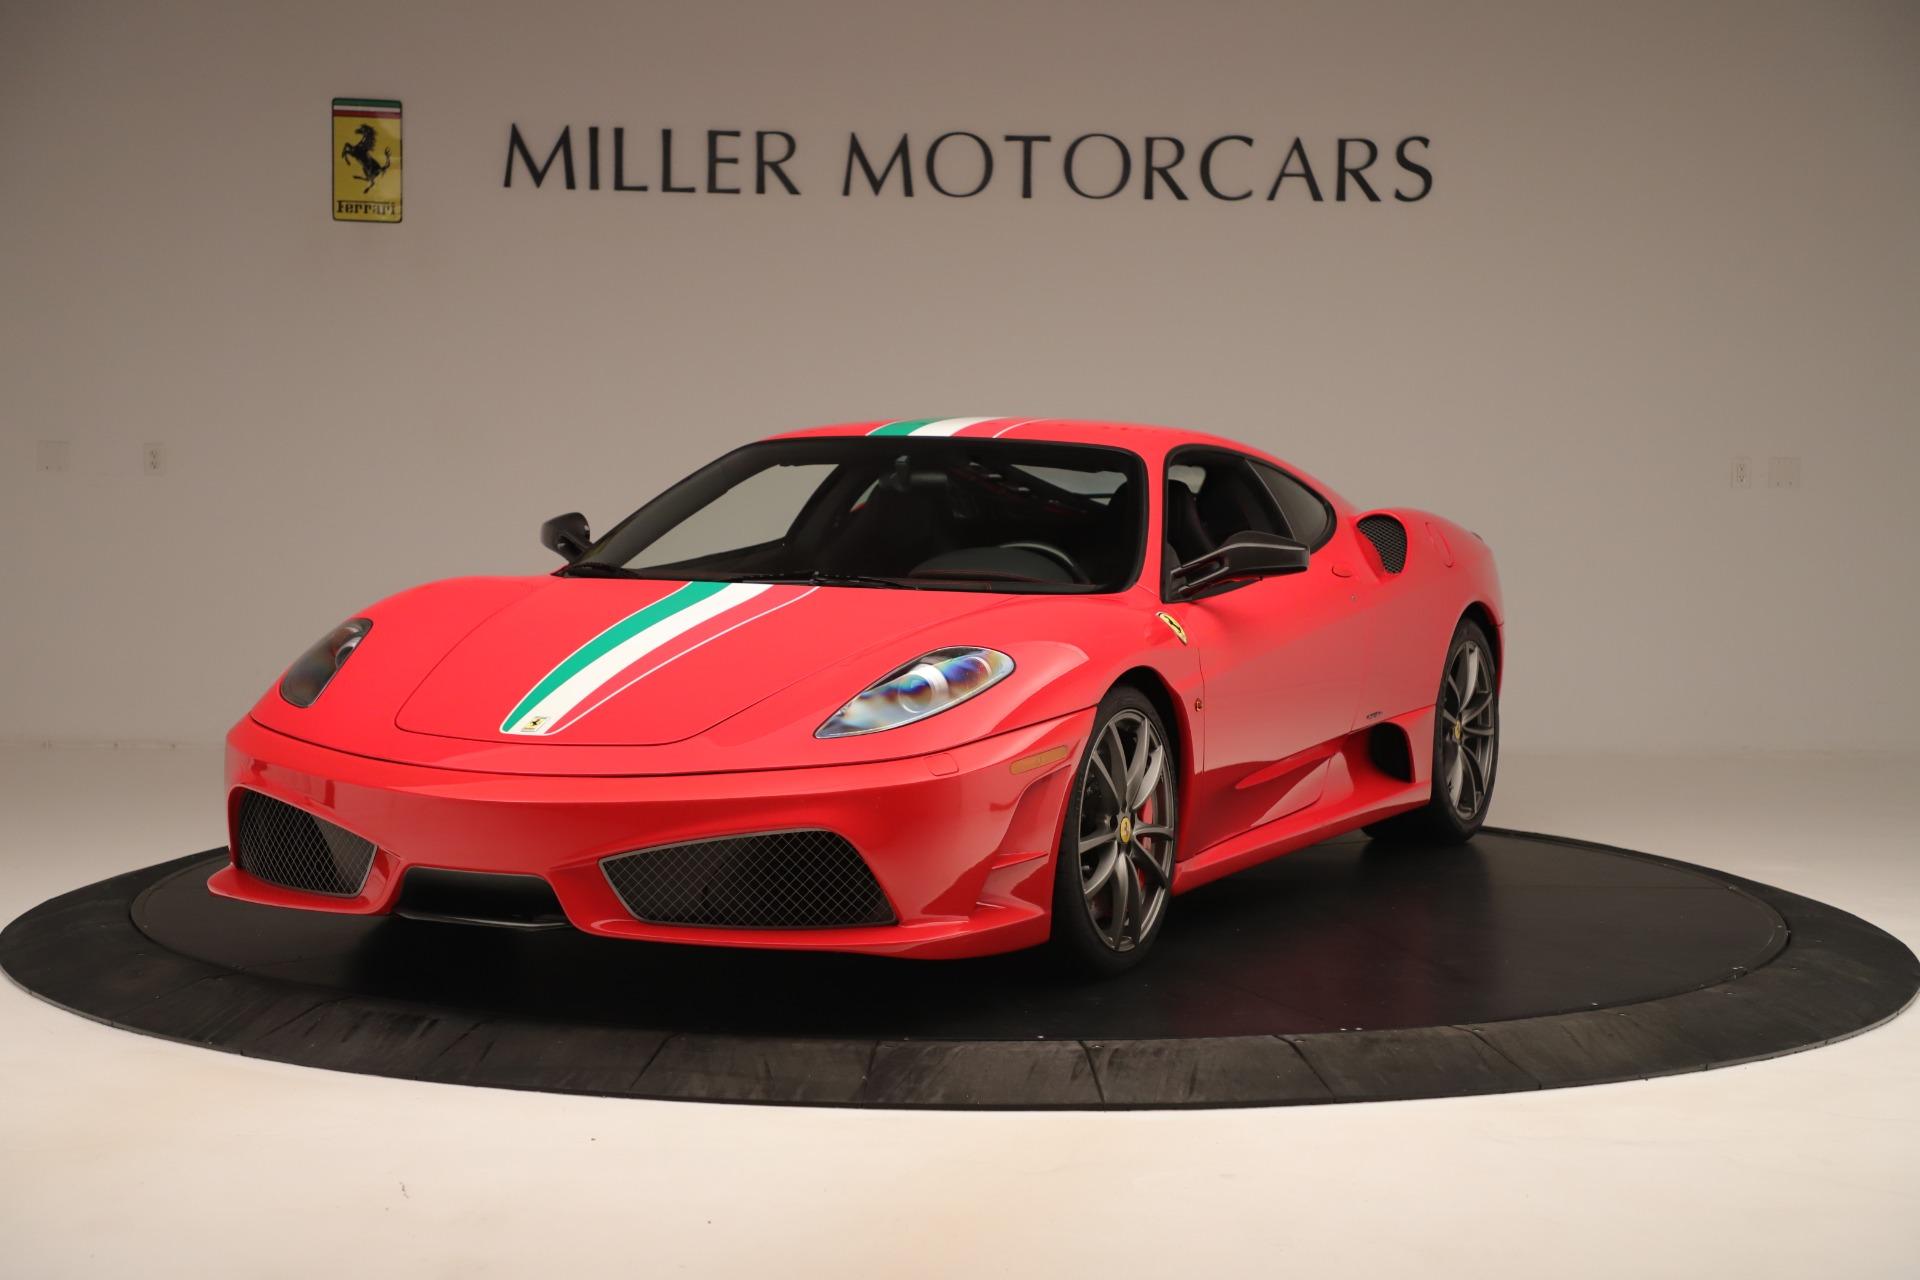 Used 2008 Ferrari F430 Scuderia for sale $229,900 at Bugatti of Greenwich in Greenwich CT 06830 1